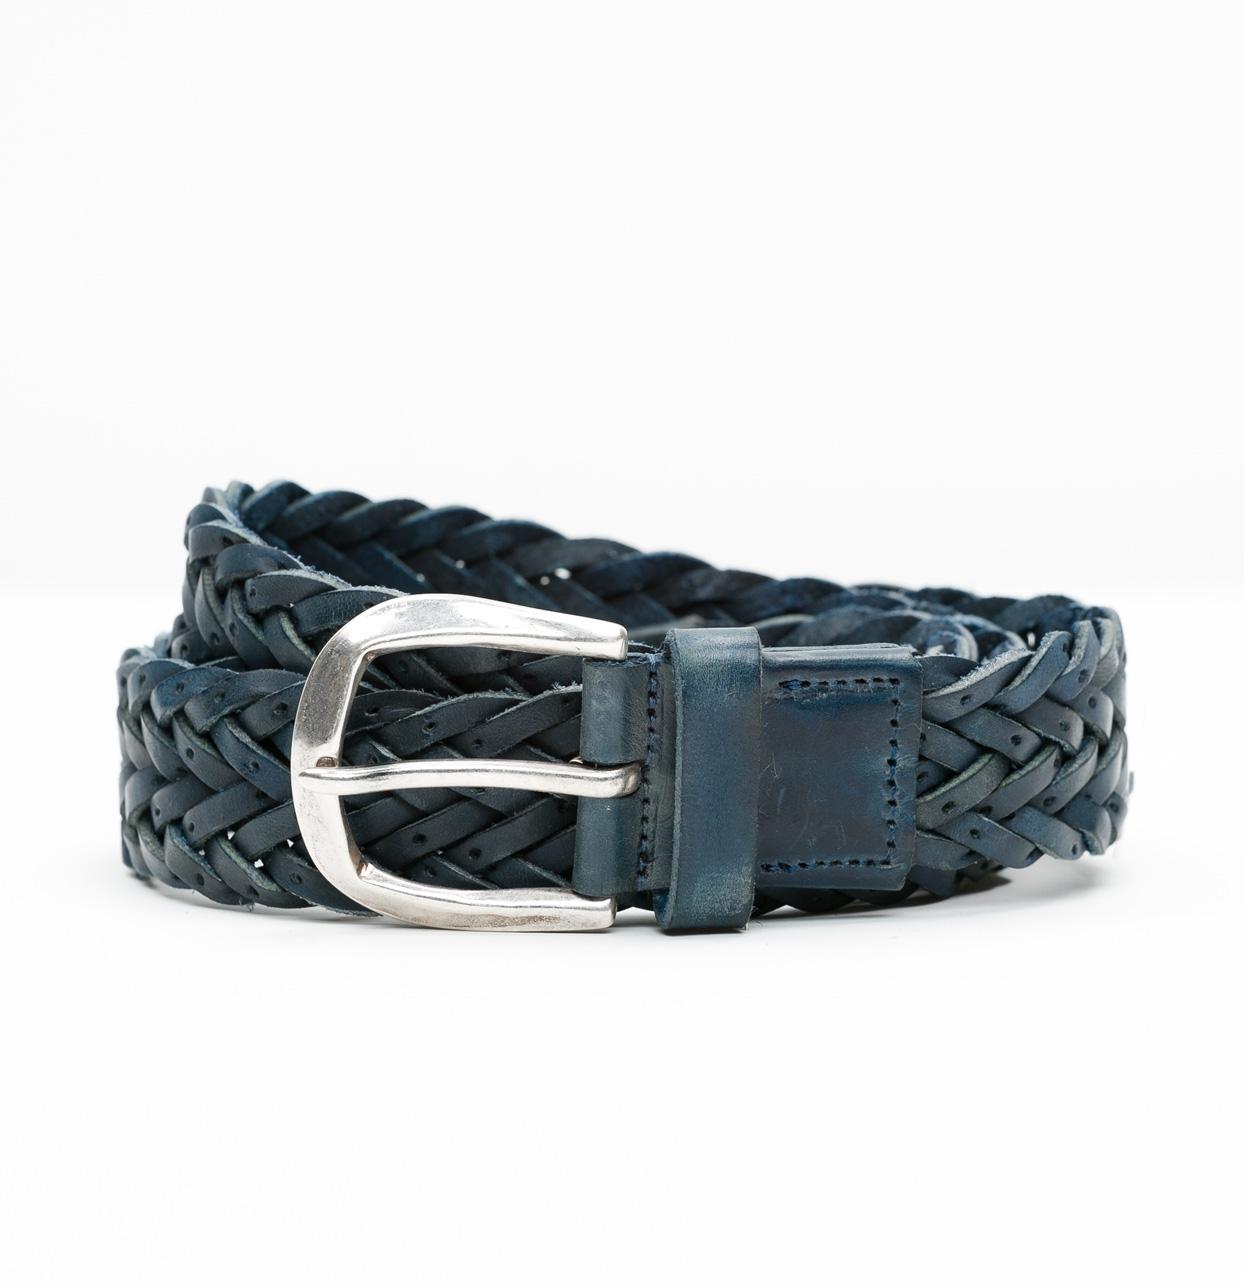 Cinturón Sport piel trenzada color azul, 100% piel.